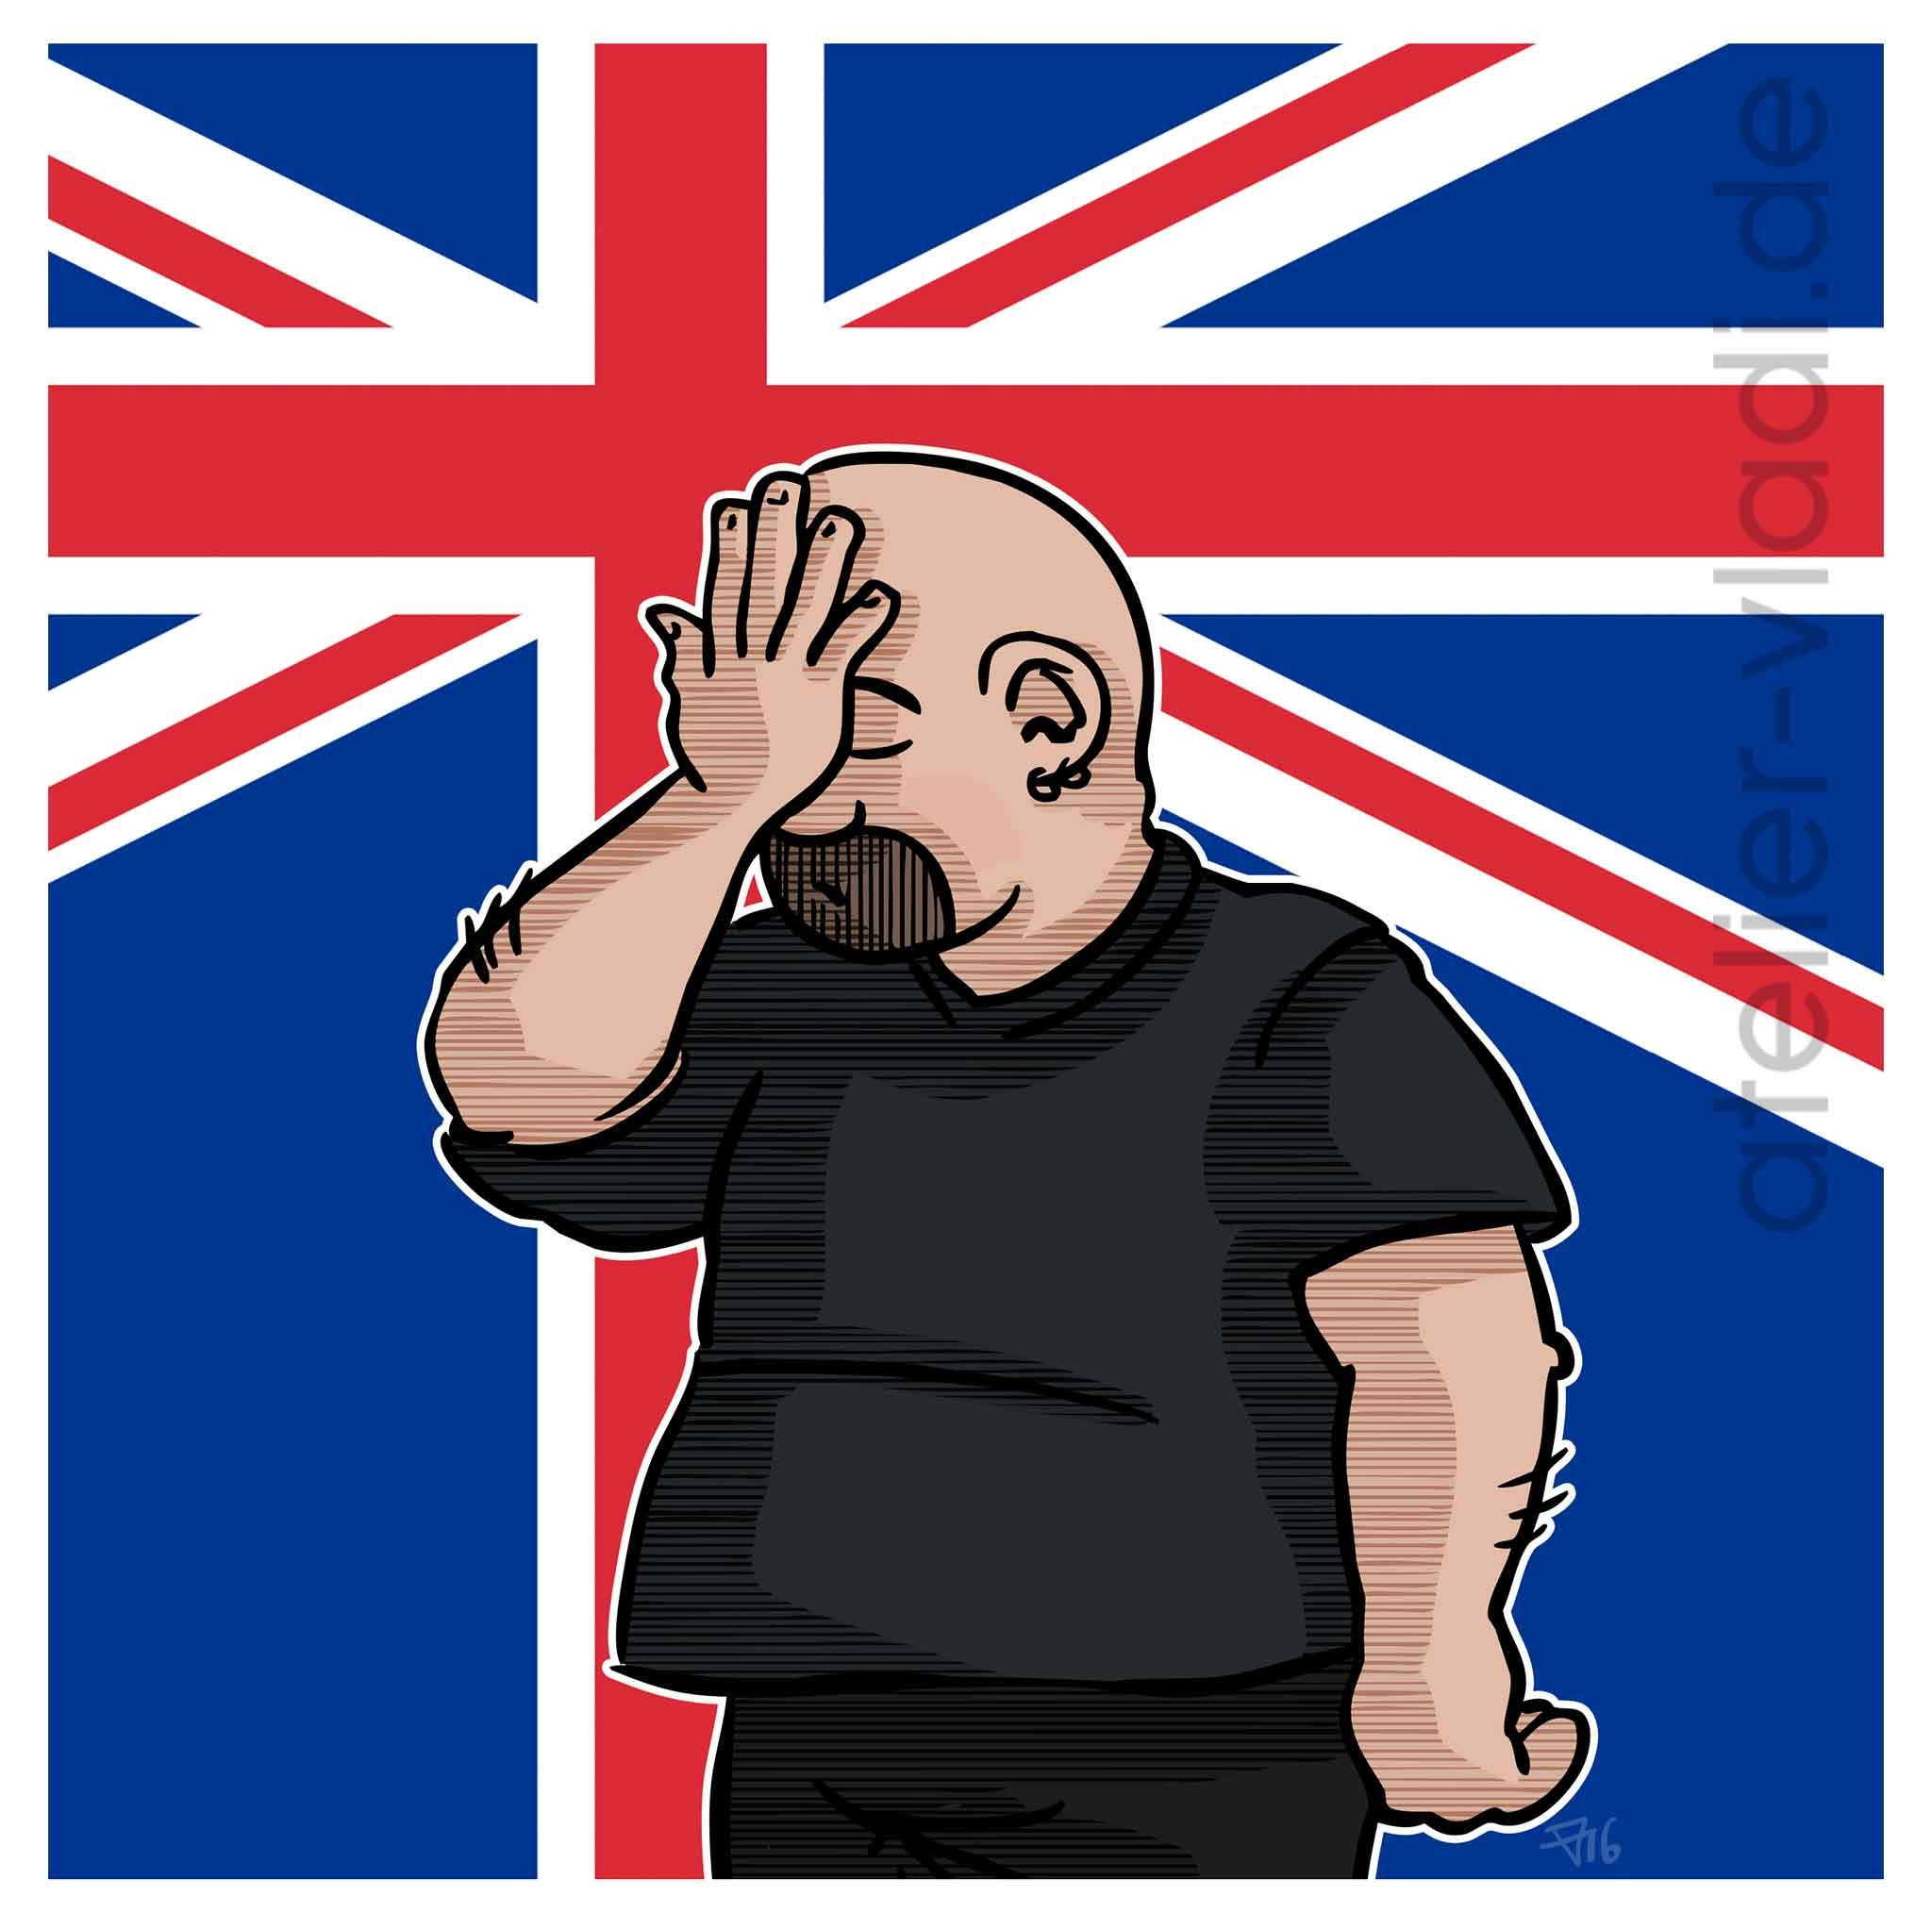 Cartoon Politisch politische Cartoons Karikaturen Brexit Cartoon Facepalm